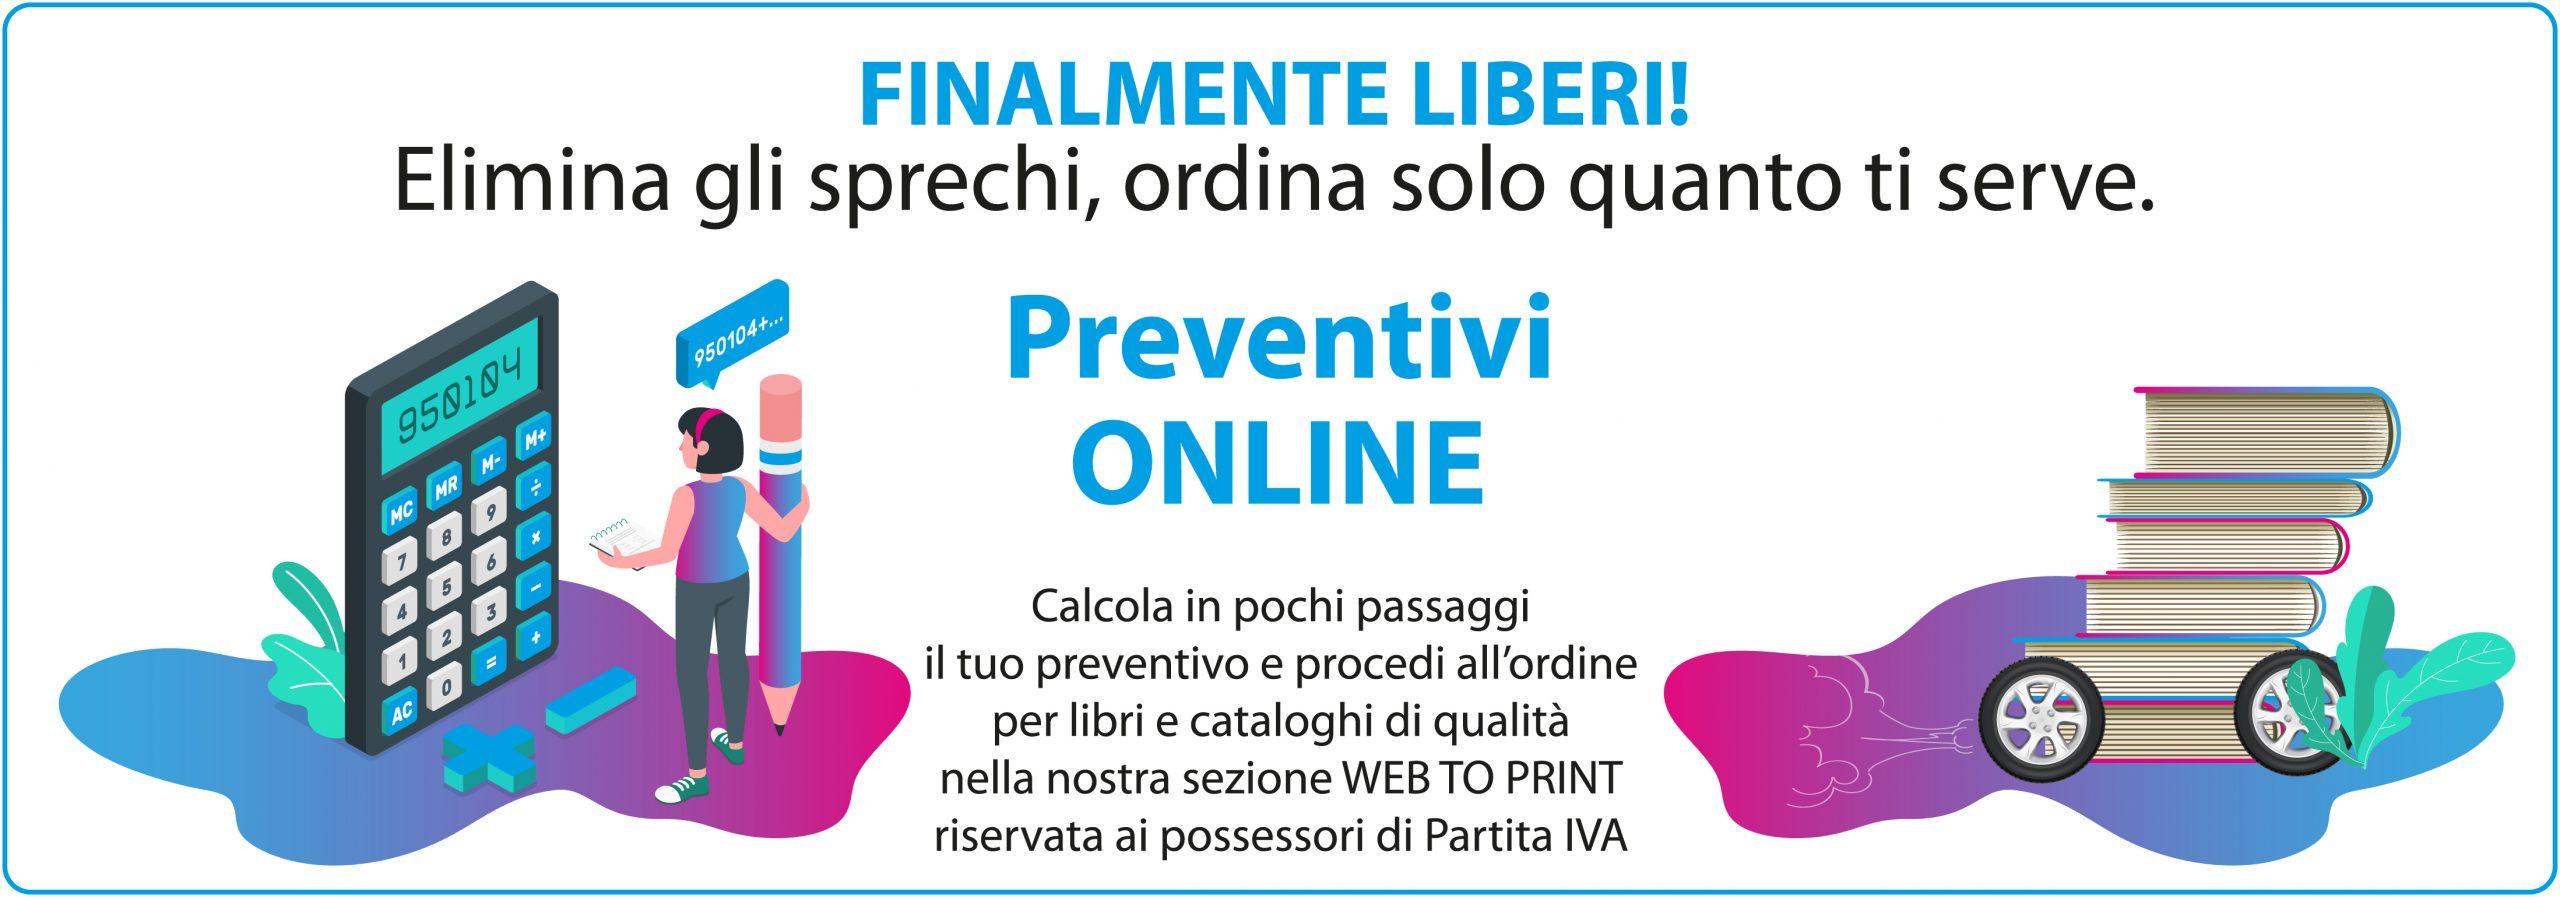 pulsante preventivi online HOME_4